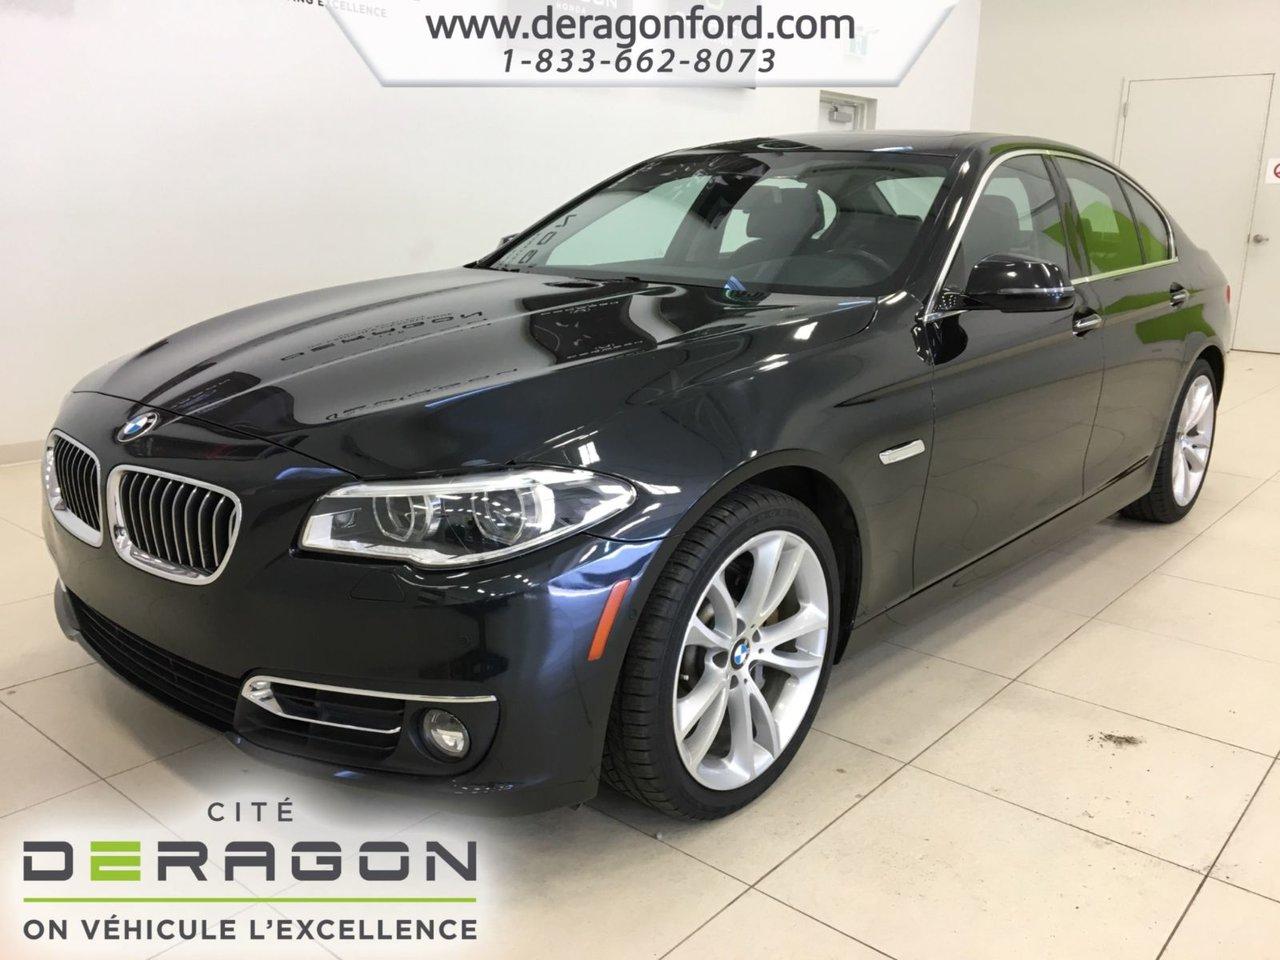 2015 BMW  Série 5 535i xDrive, NAV, TOIT, CAMERA, ROUES 18